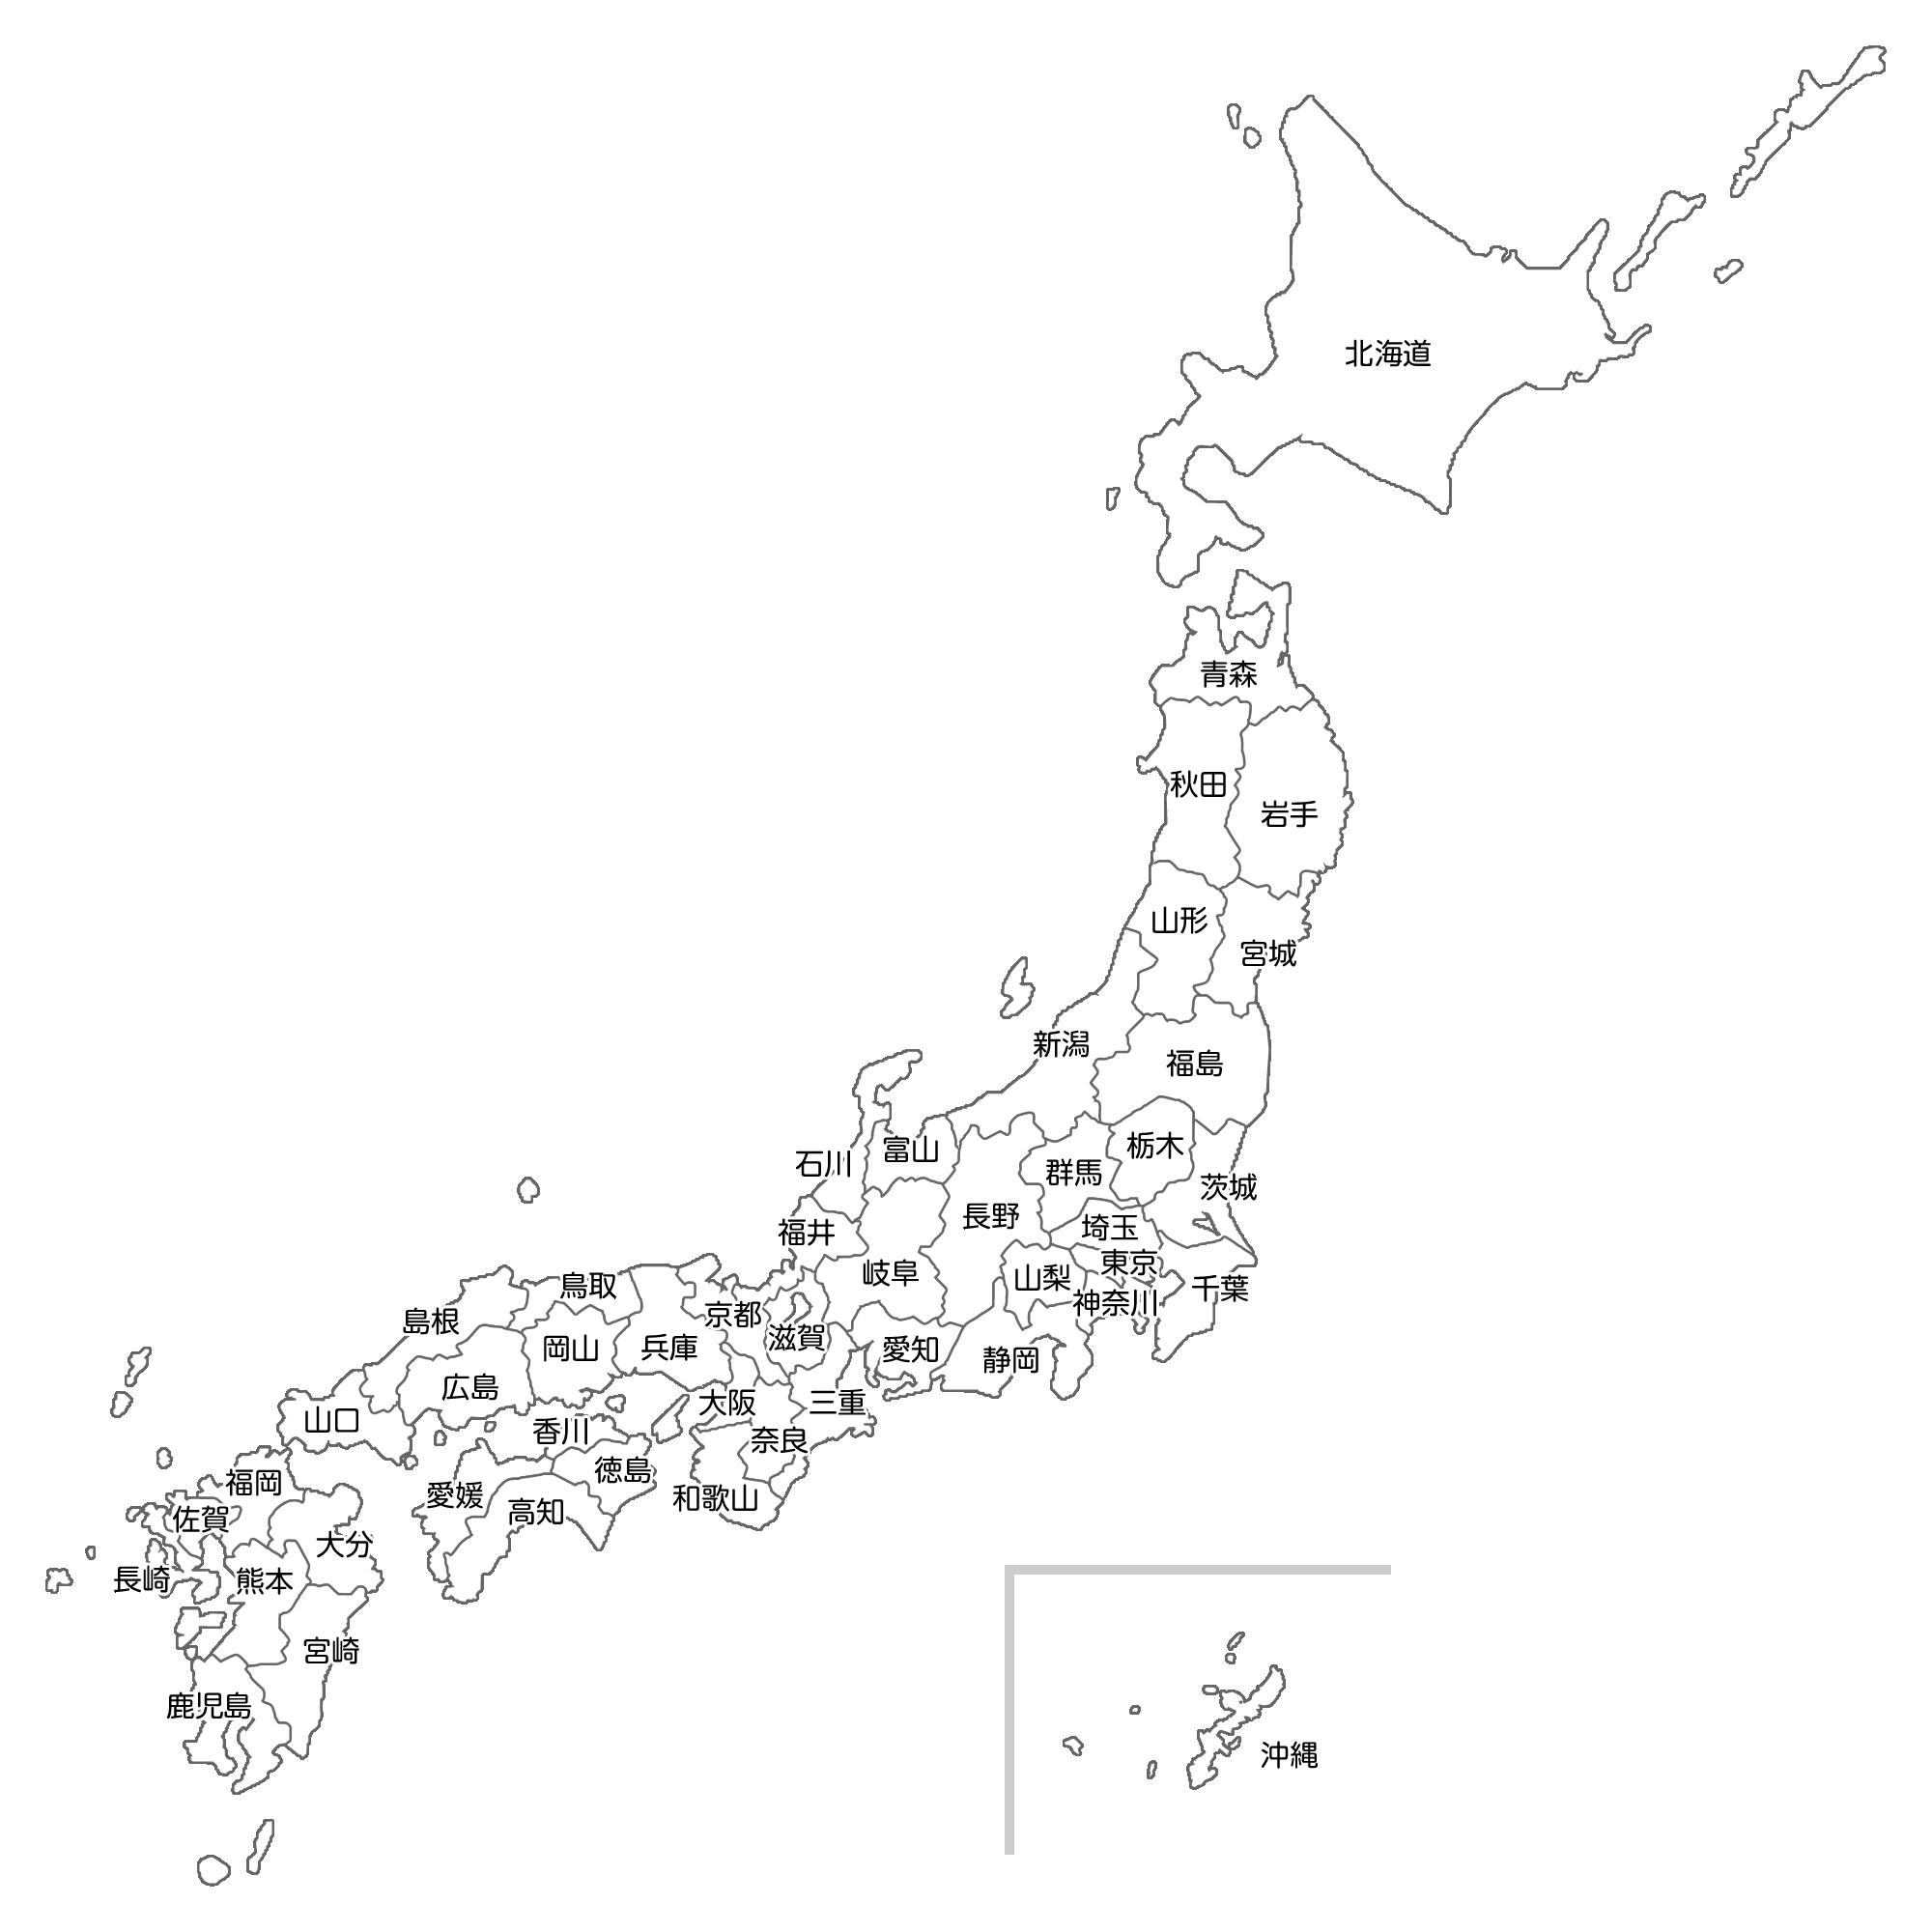 【都道府県名入り】日本地図(白地図)のイラスト画像